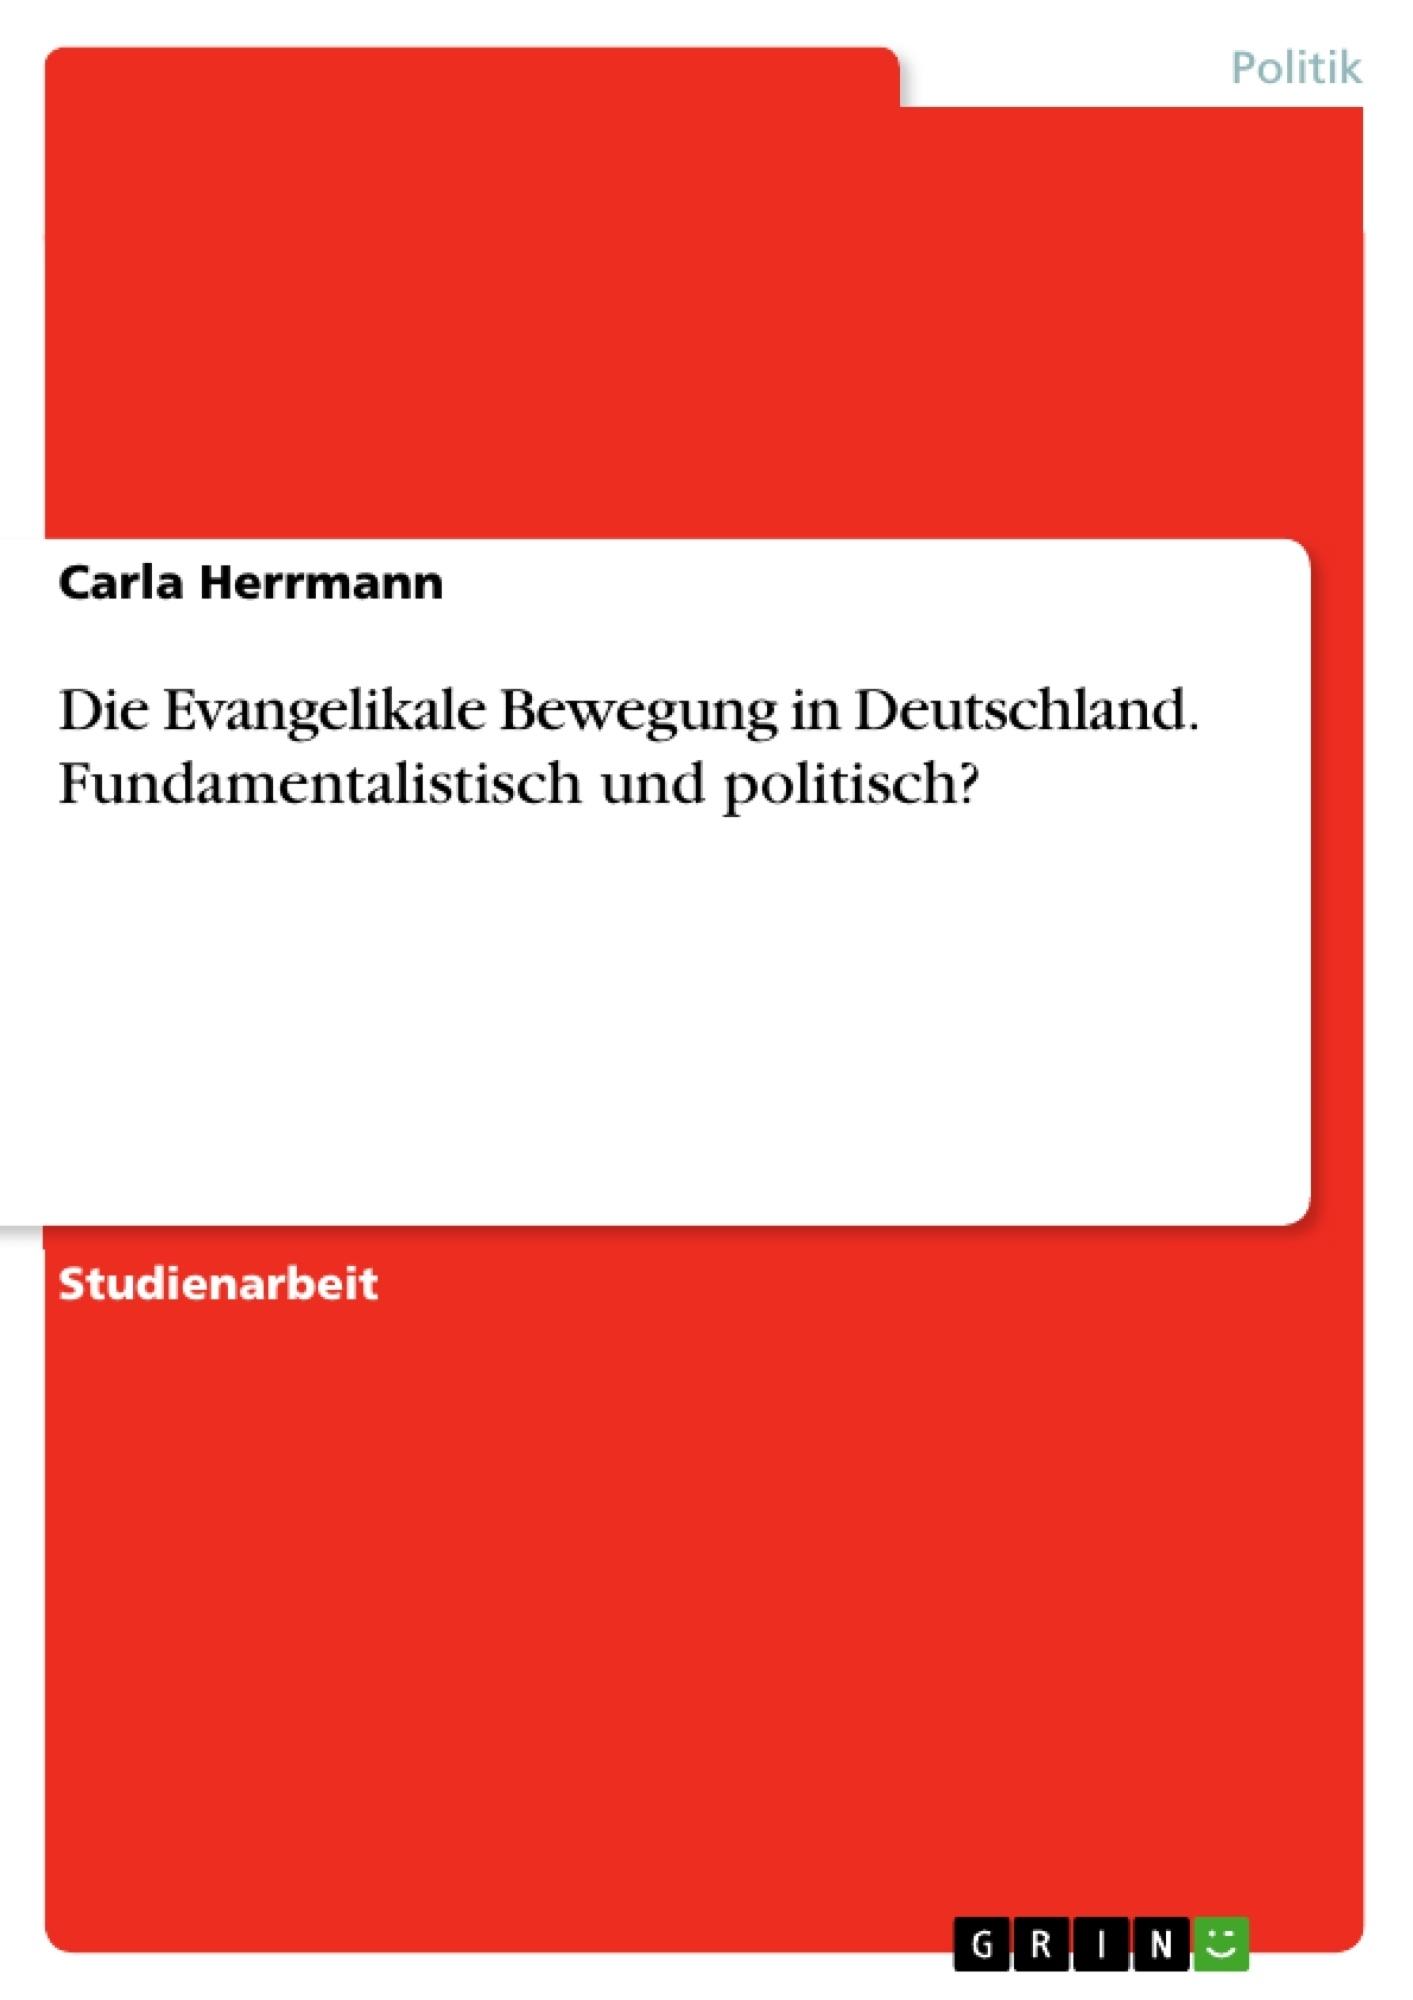 Titel: Die Evangelikale Bewegung in Deutschland. Fundamentalistisch und politisch?